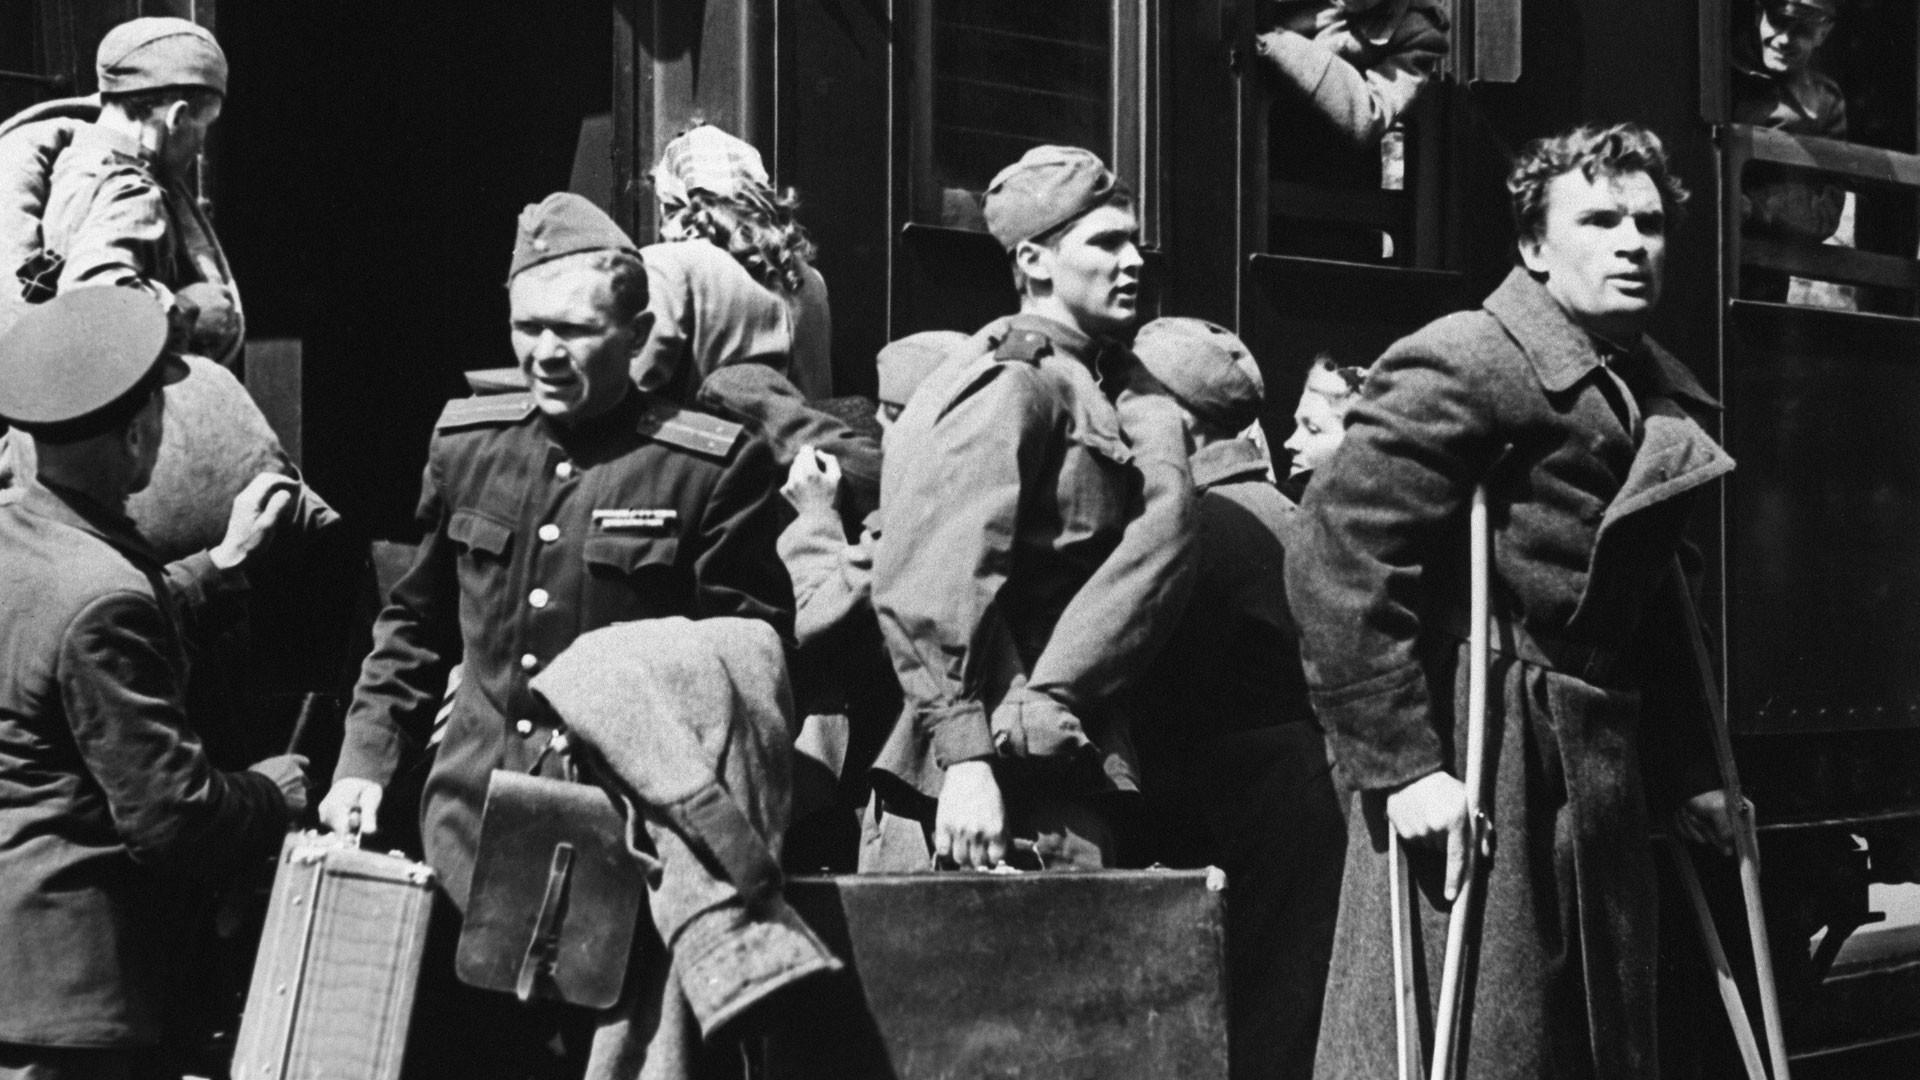 """Кадр из фильма """"Баллада о солдате"""". Фото: © РИА Новости/Стоволосов"""